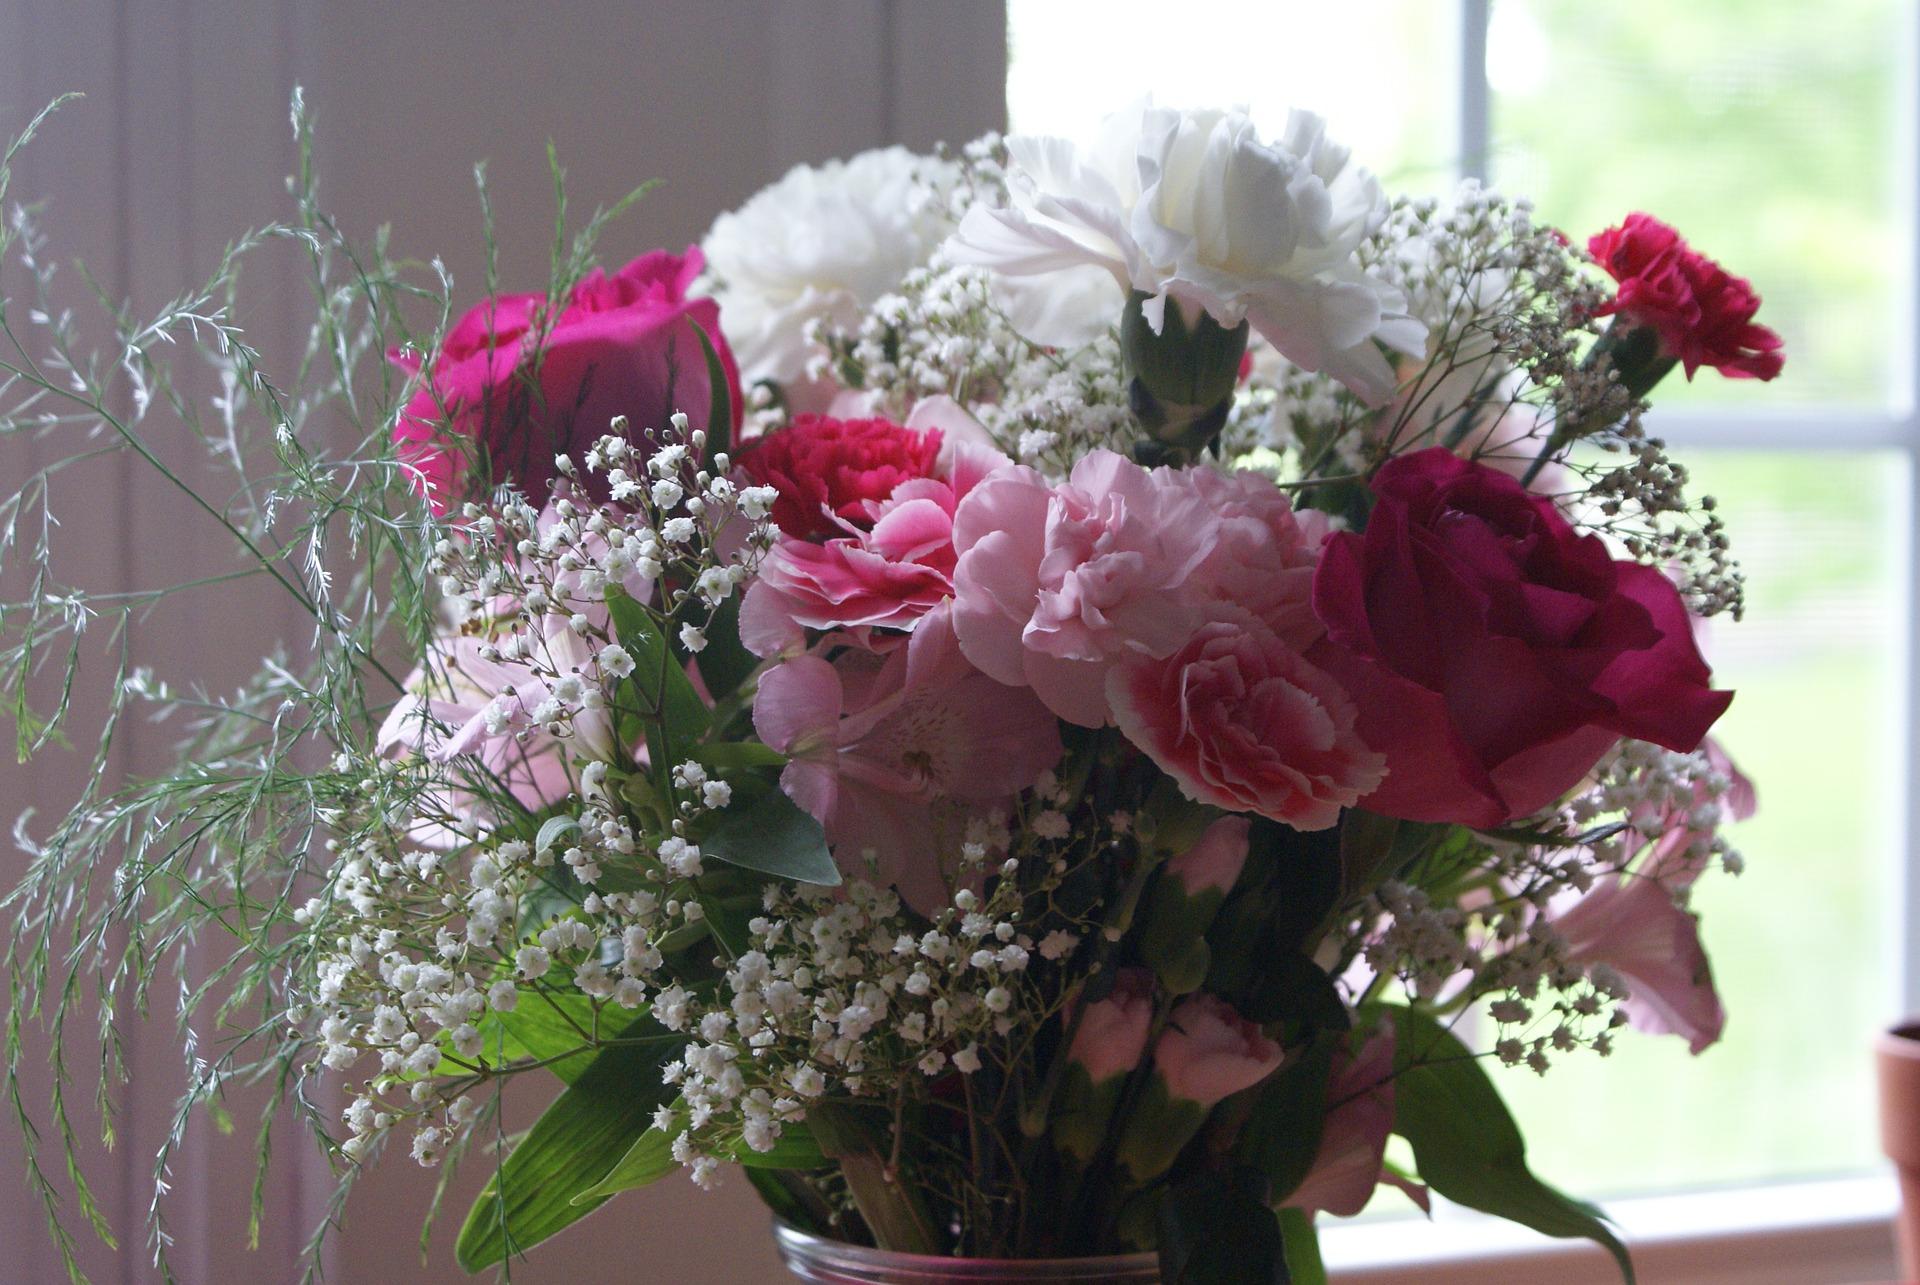 幸運を呼びこむ生花を飾りましょう~植物は場のエネルギーを活性する~